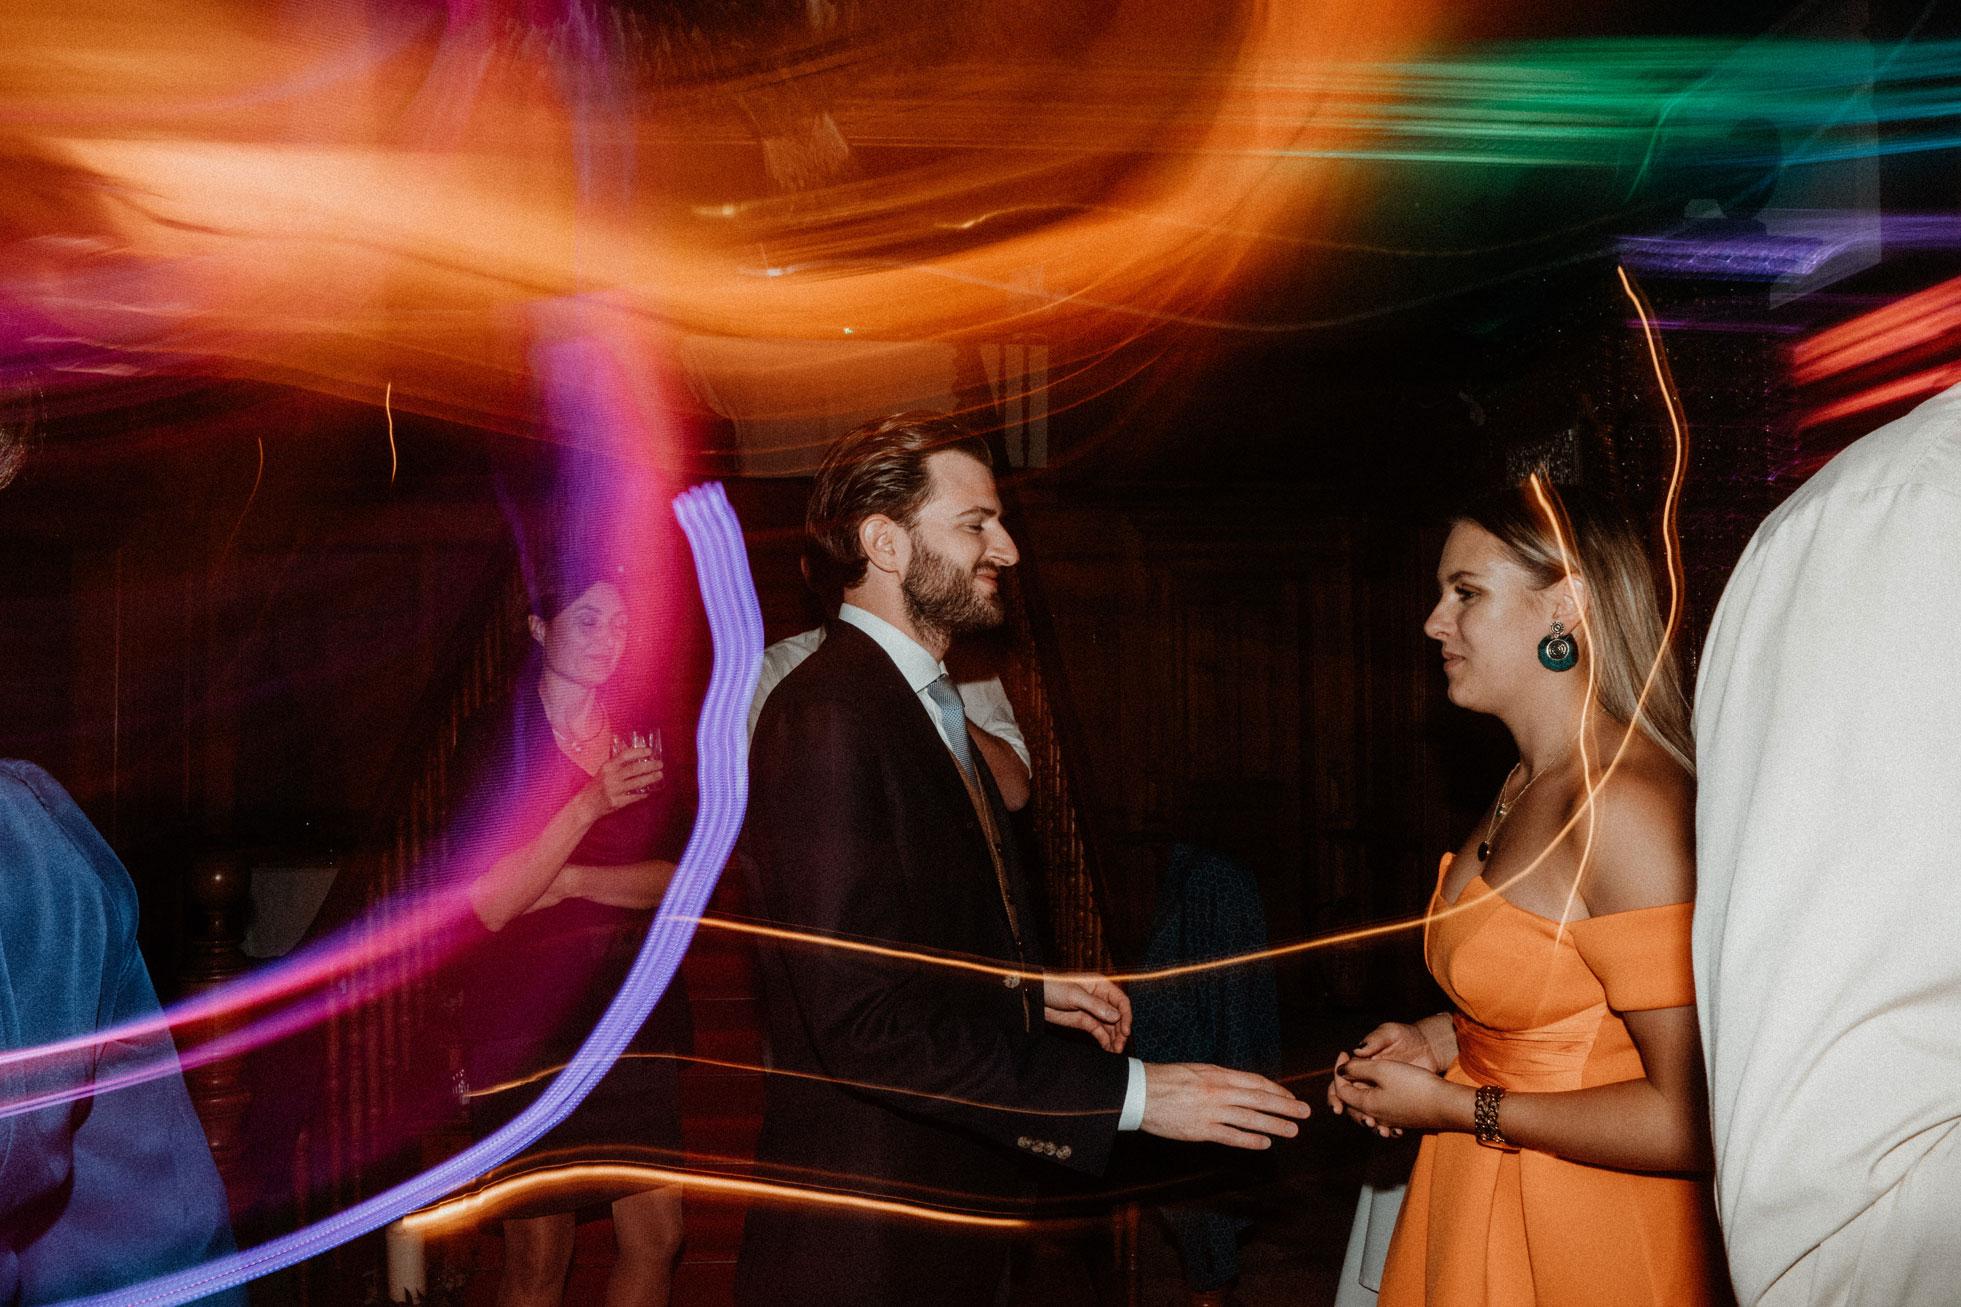 Hochzeit_Claire_Manuel_Villa_Maund_Daniel_Jenny-623.jpg